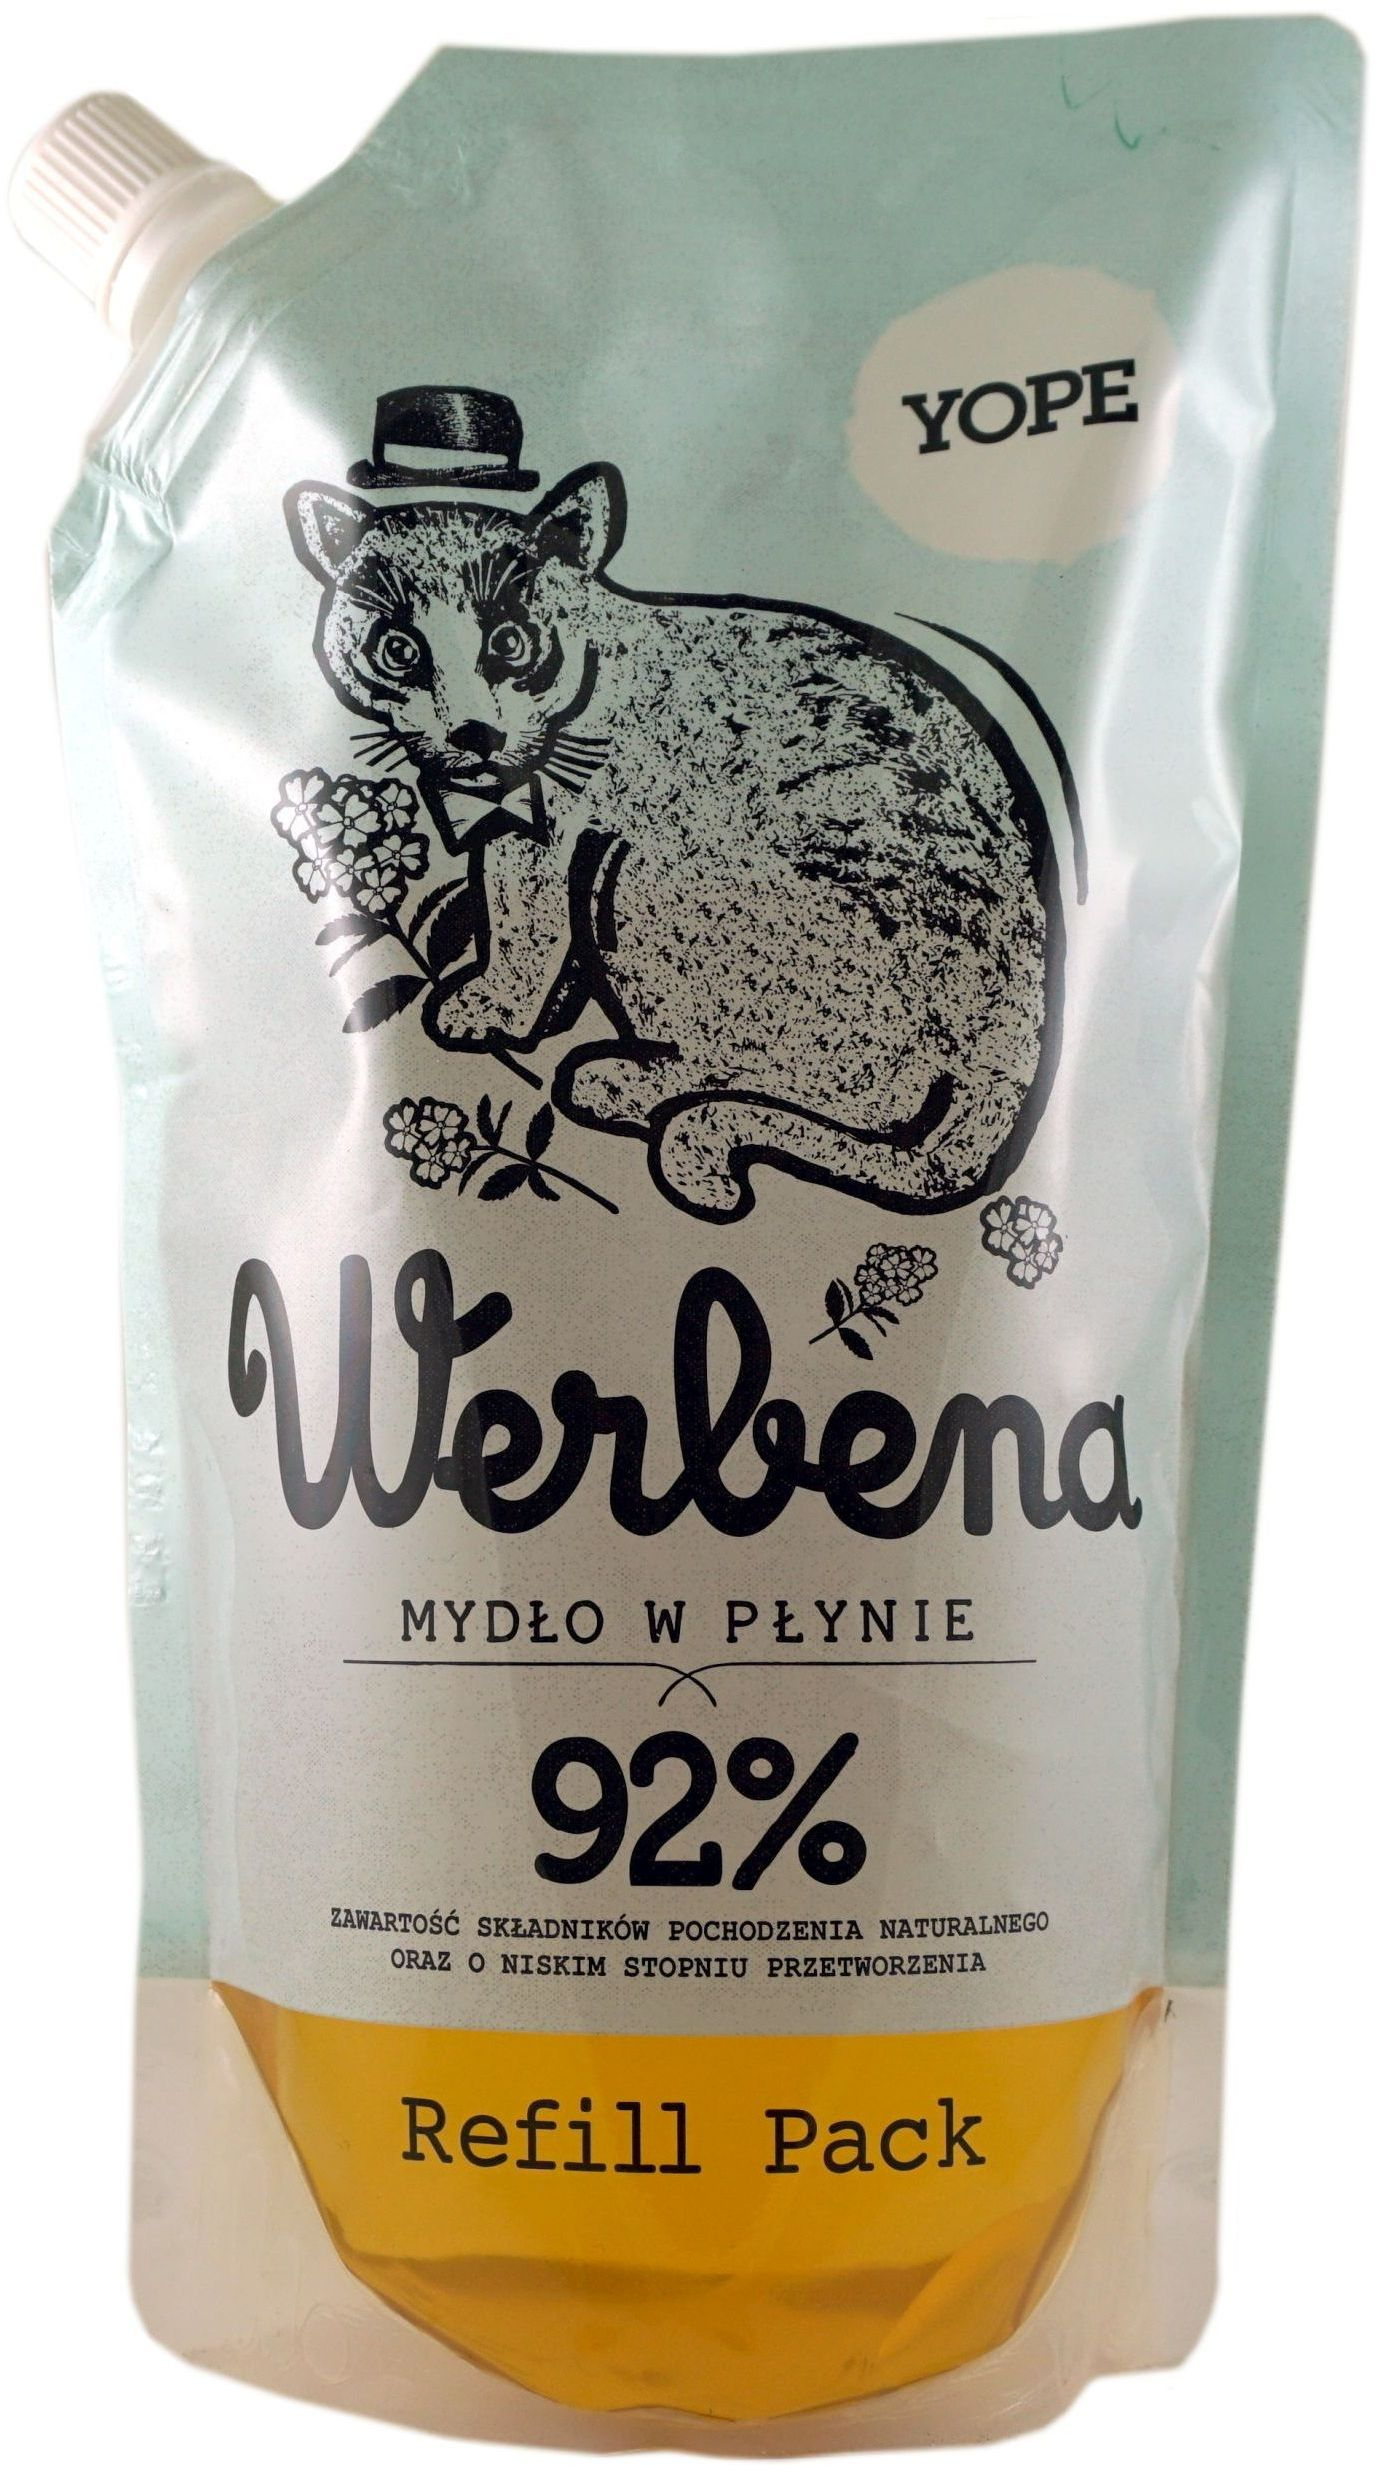 Naturalne Mydło Kosmetyczne Werbena Refill - 500ml - Yope